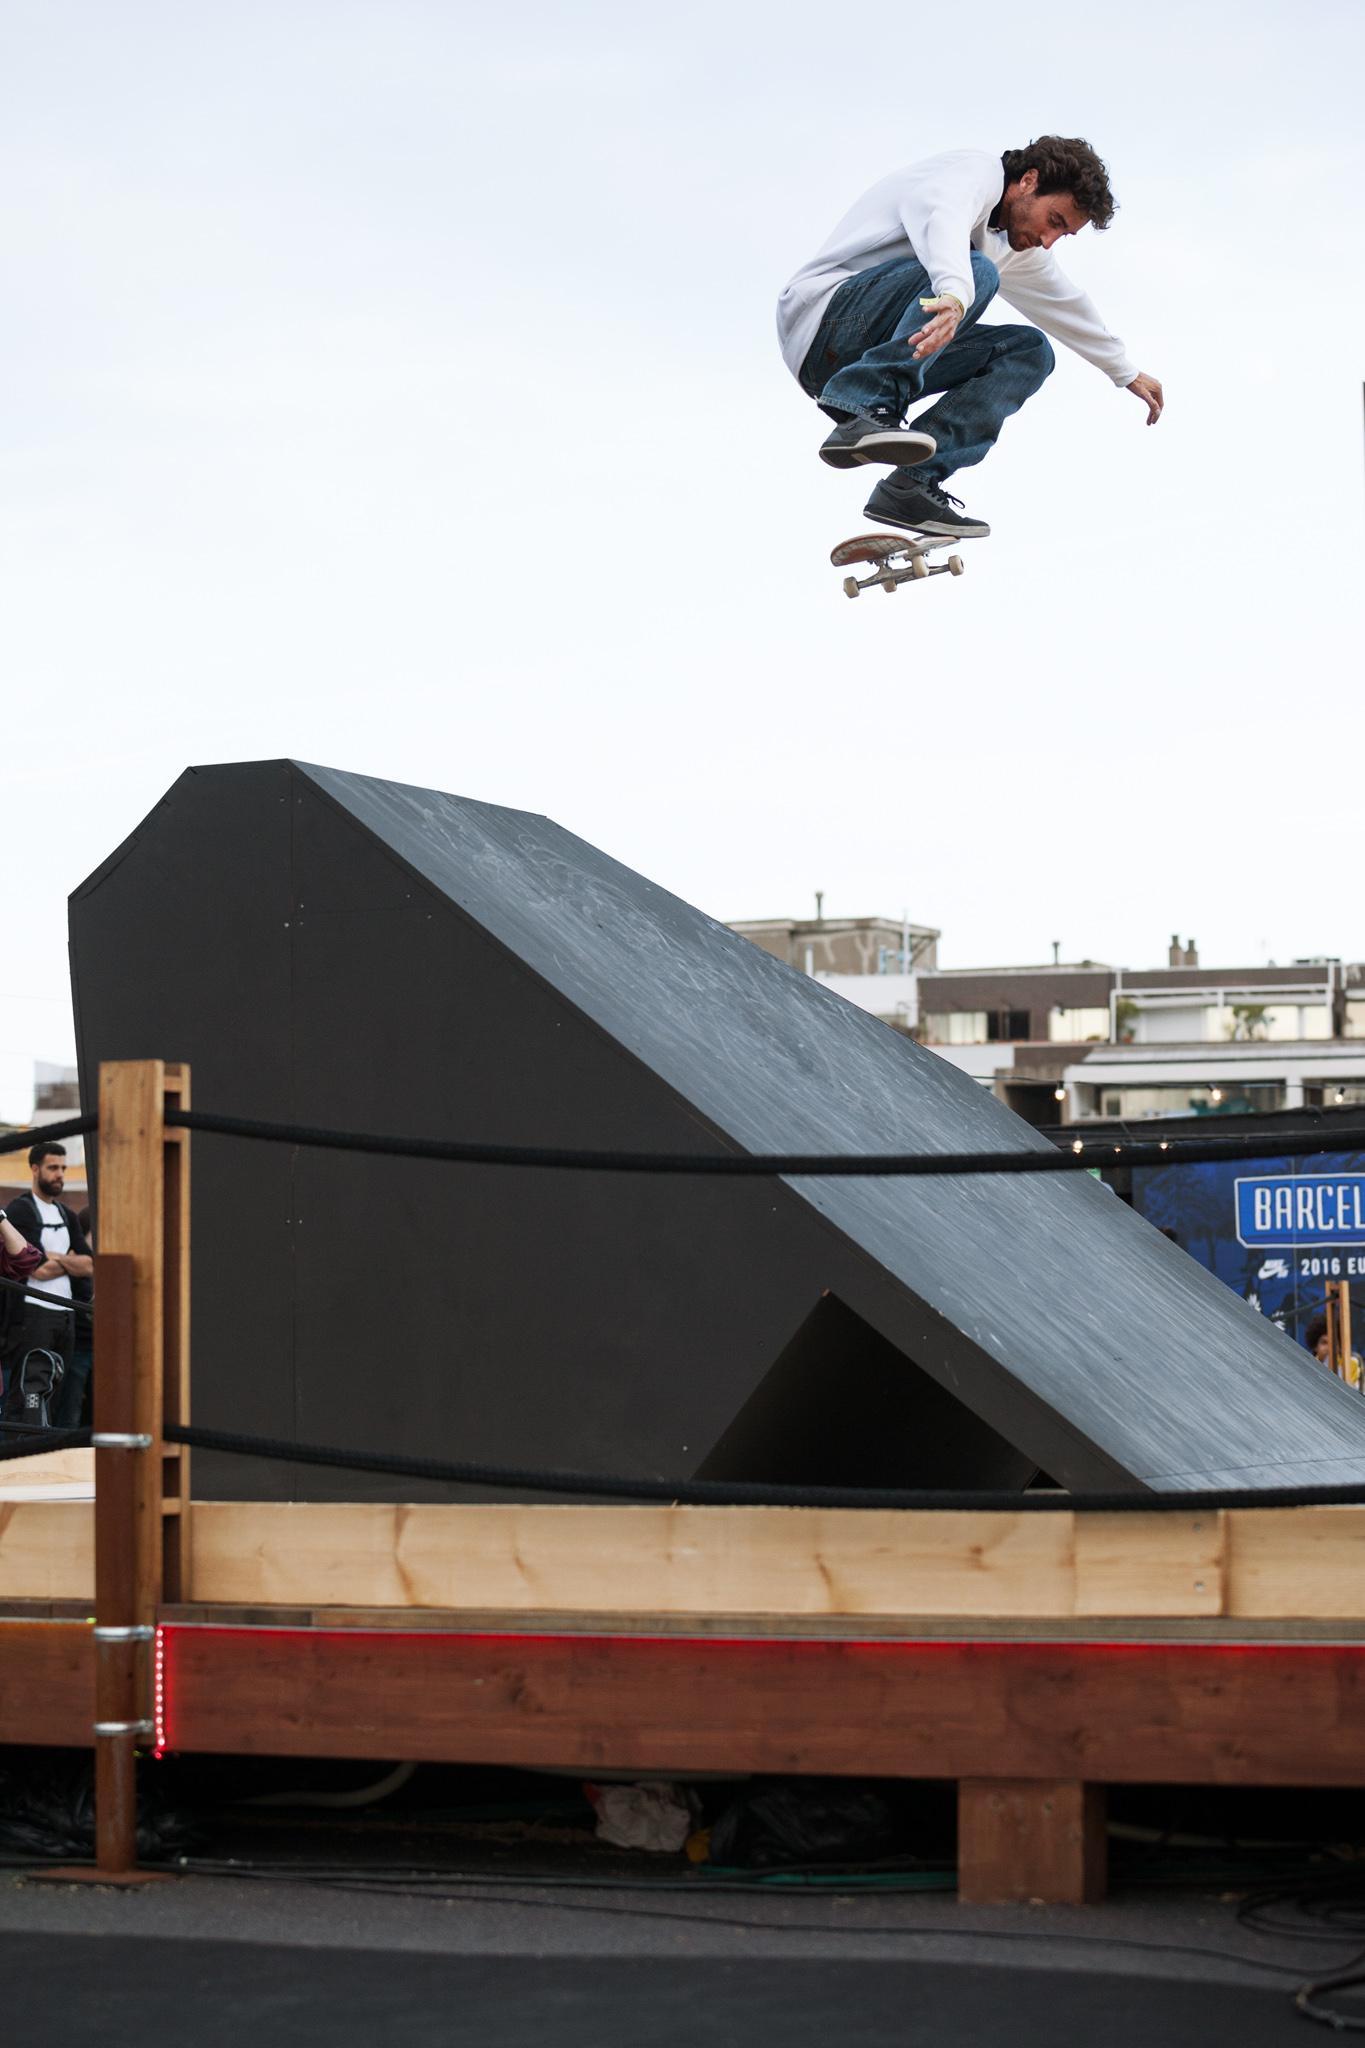 JavierSarmiento_kickflip_rooftop_marcelveldman